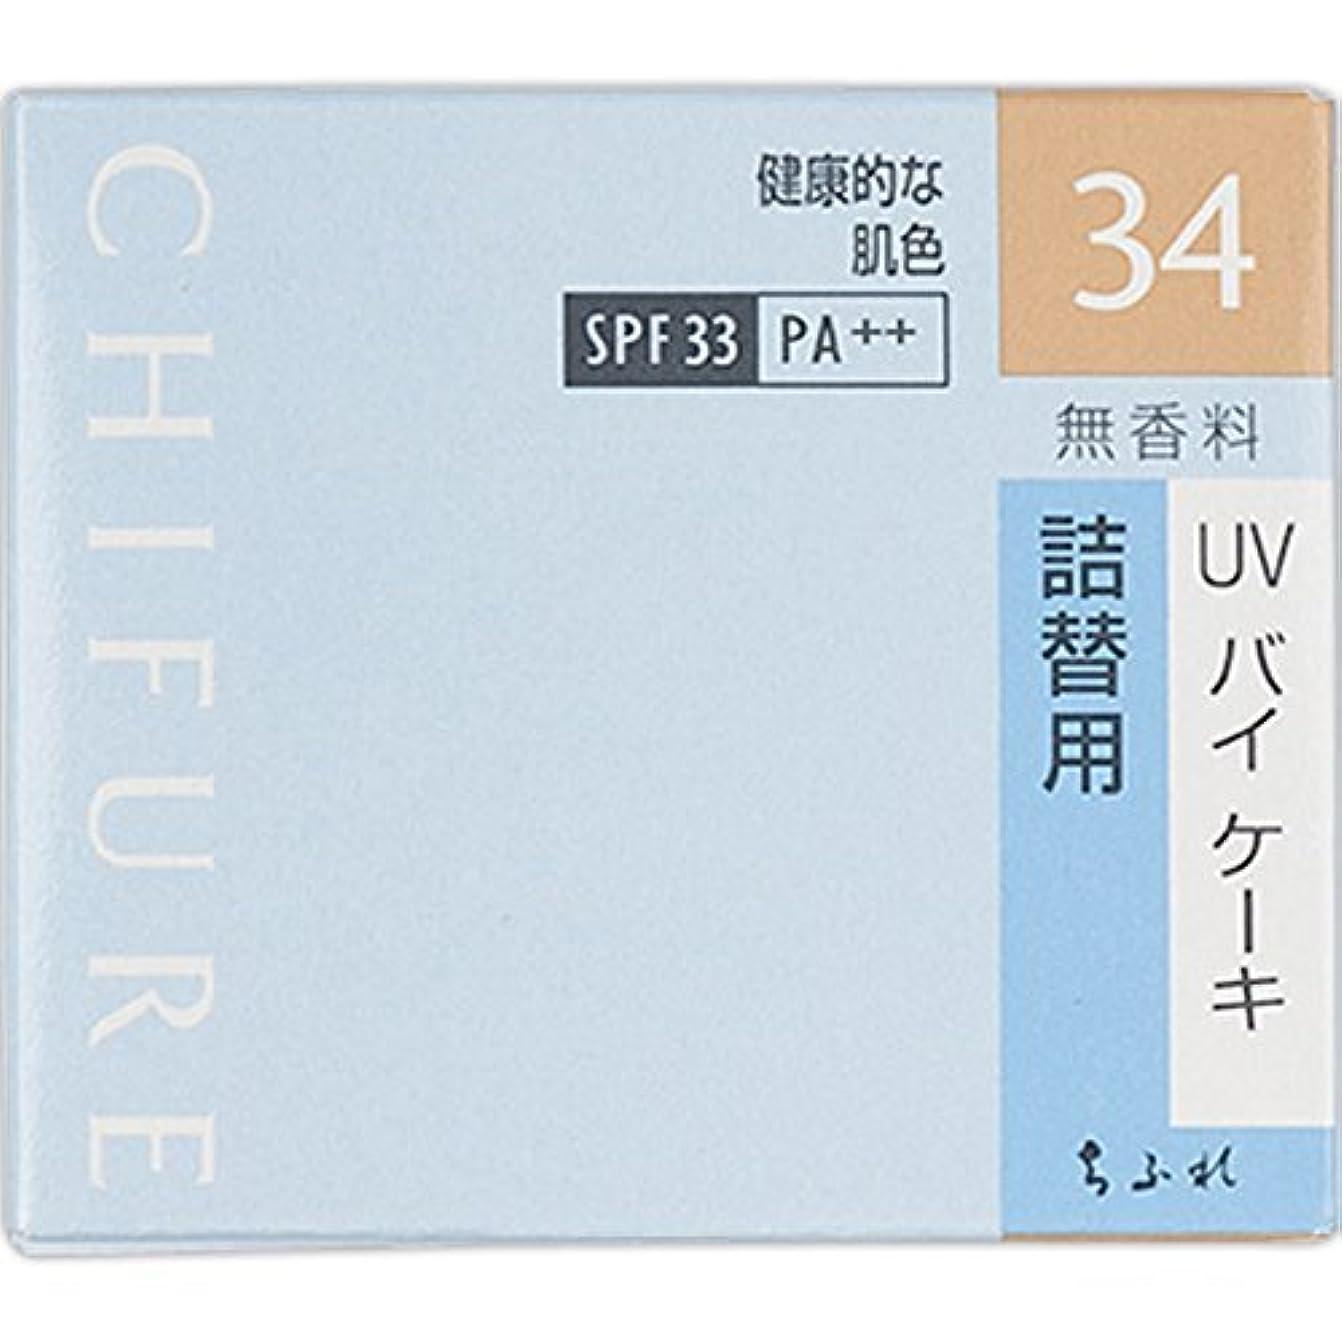 孤児王位はしごちふれ化粧品 UV バイ ケーキ 詰替用 34 健康的な肌色 14g